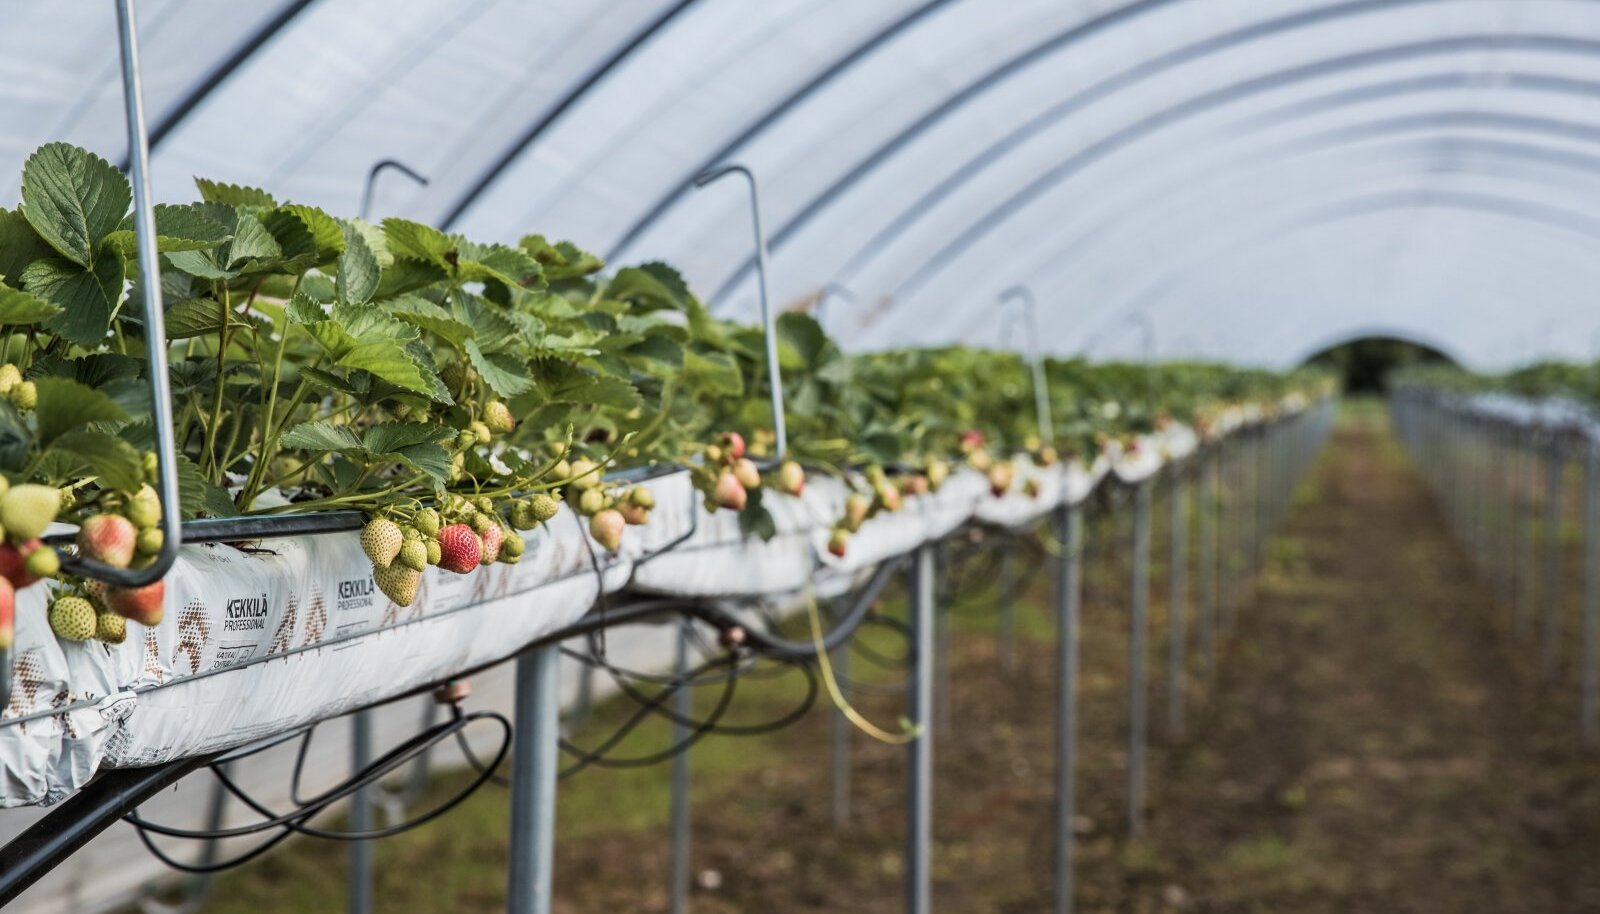 Aran Farmingu maasikad küpsevad kiletunnelis.